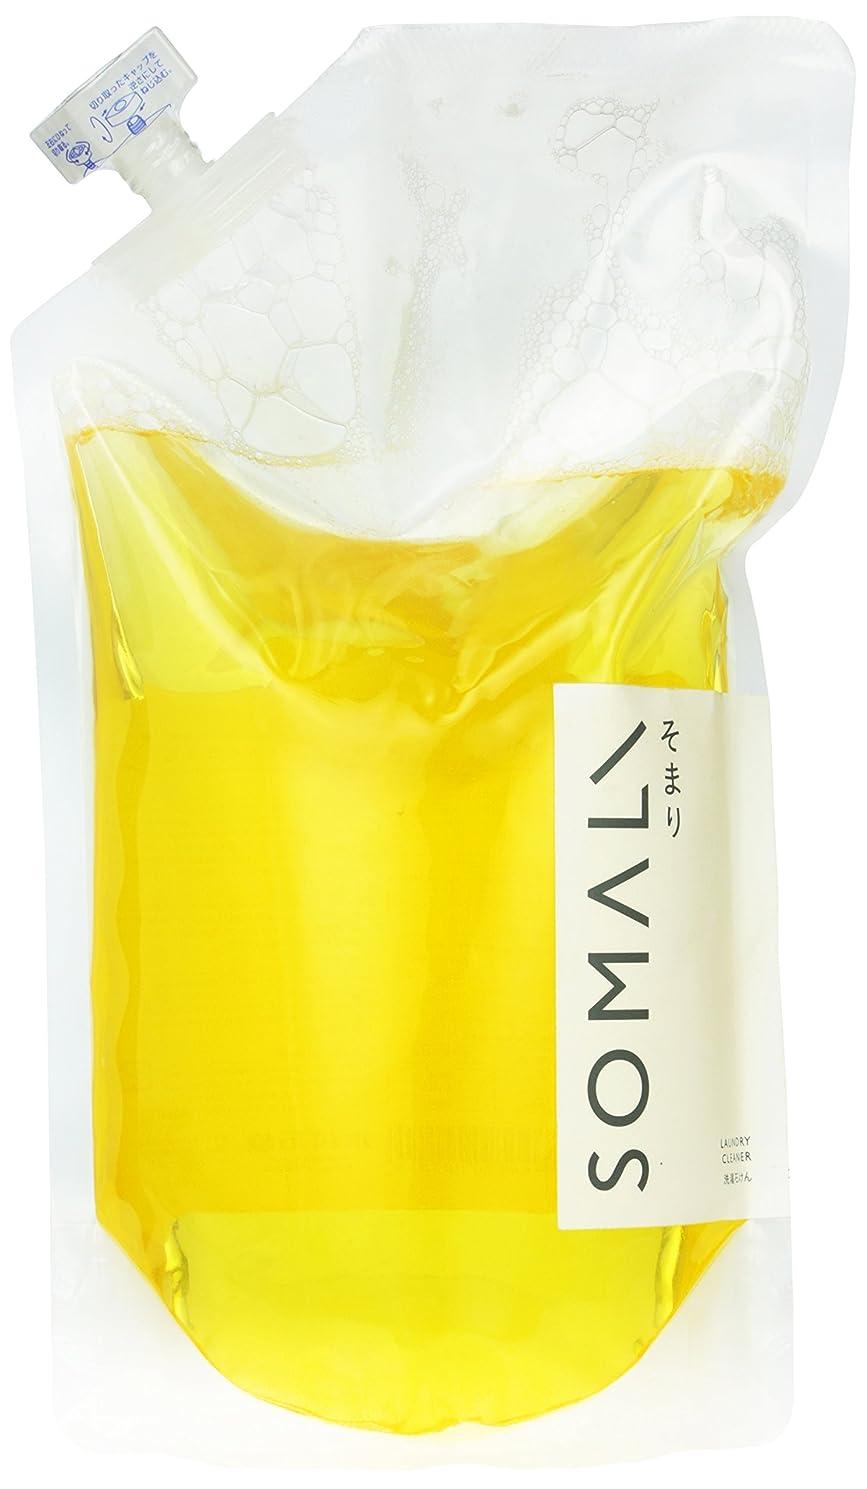 喉が渇いたバブル静脈ソマリ(SOMALI) 洗濯用液体石けん(詰替用) 1L